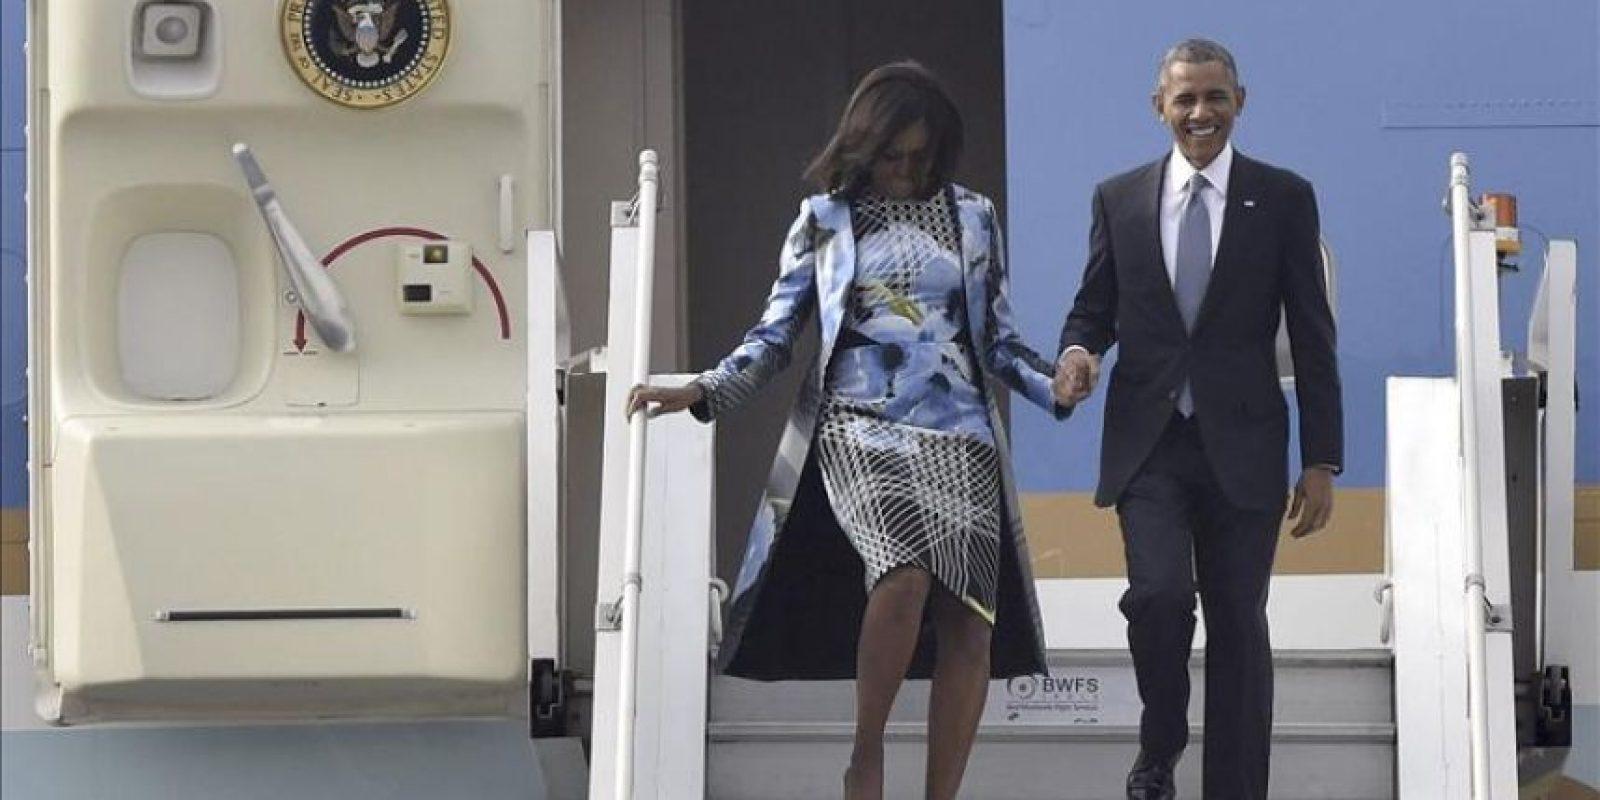 El presidente de Estados Unidos Unidos Barack Obama y su esposa Michelle Obama descienden por la escalerilla del Force One a su llegada al aeropuerto de Nueva Delhi. EFE